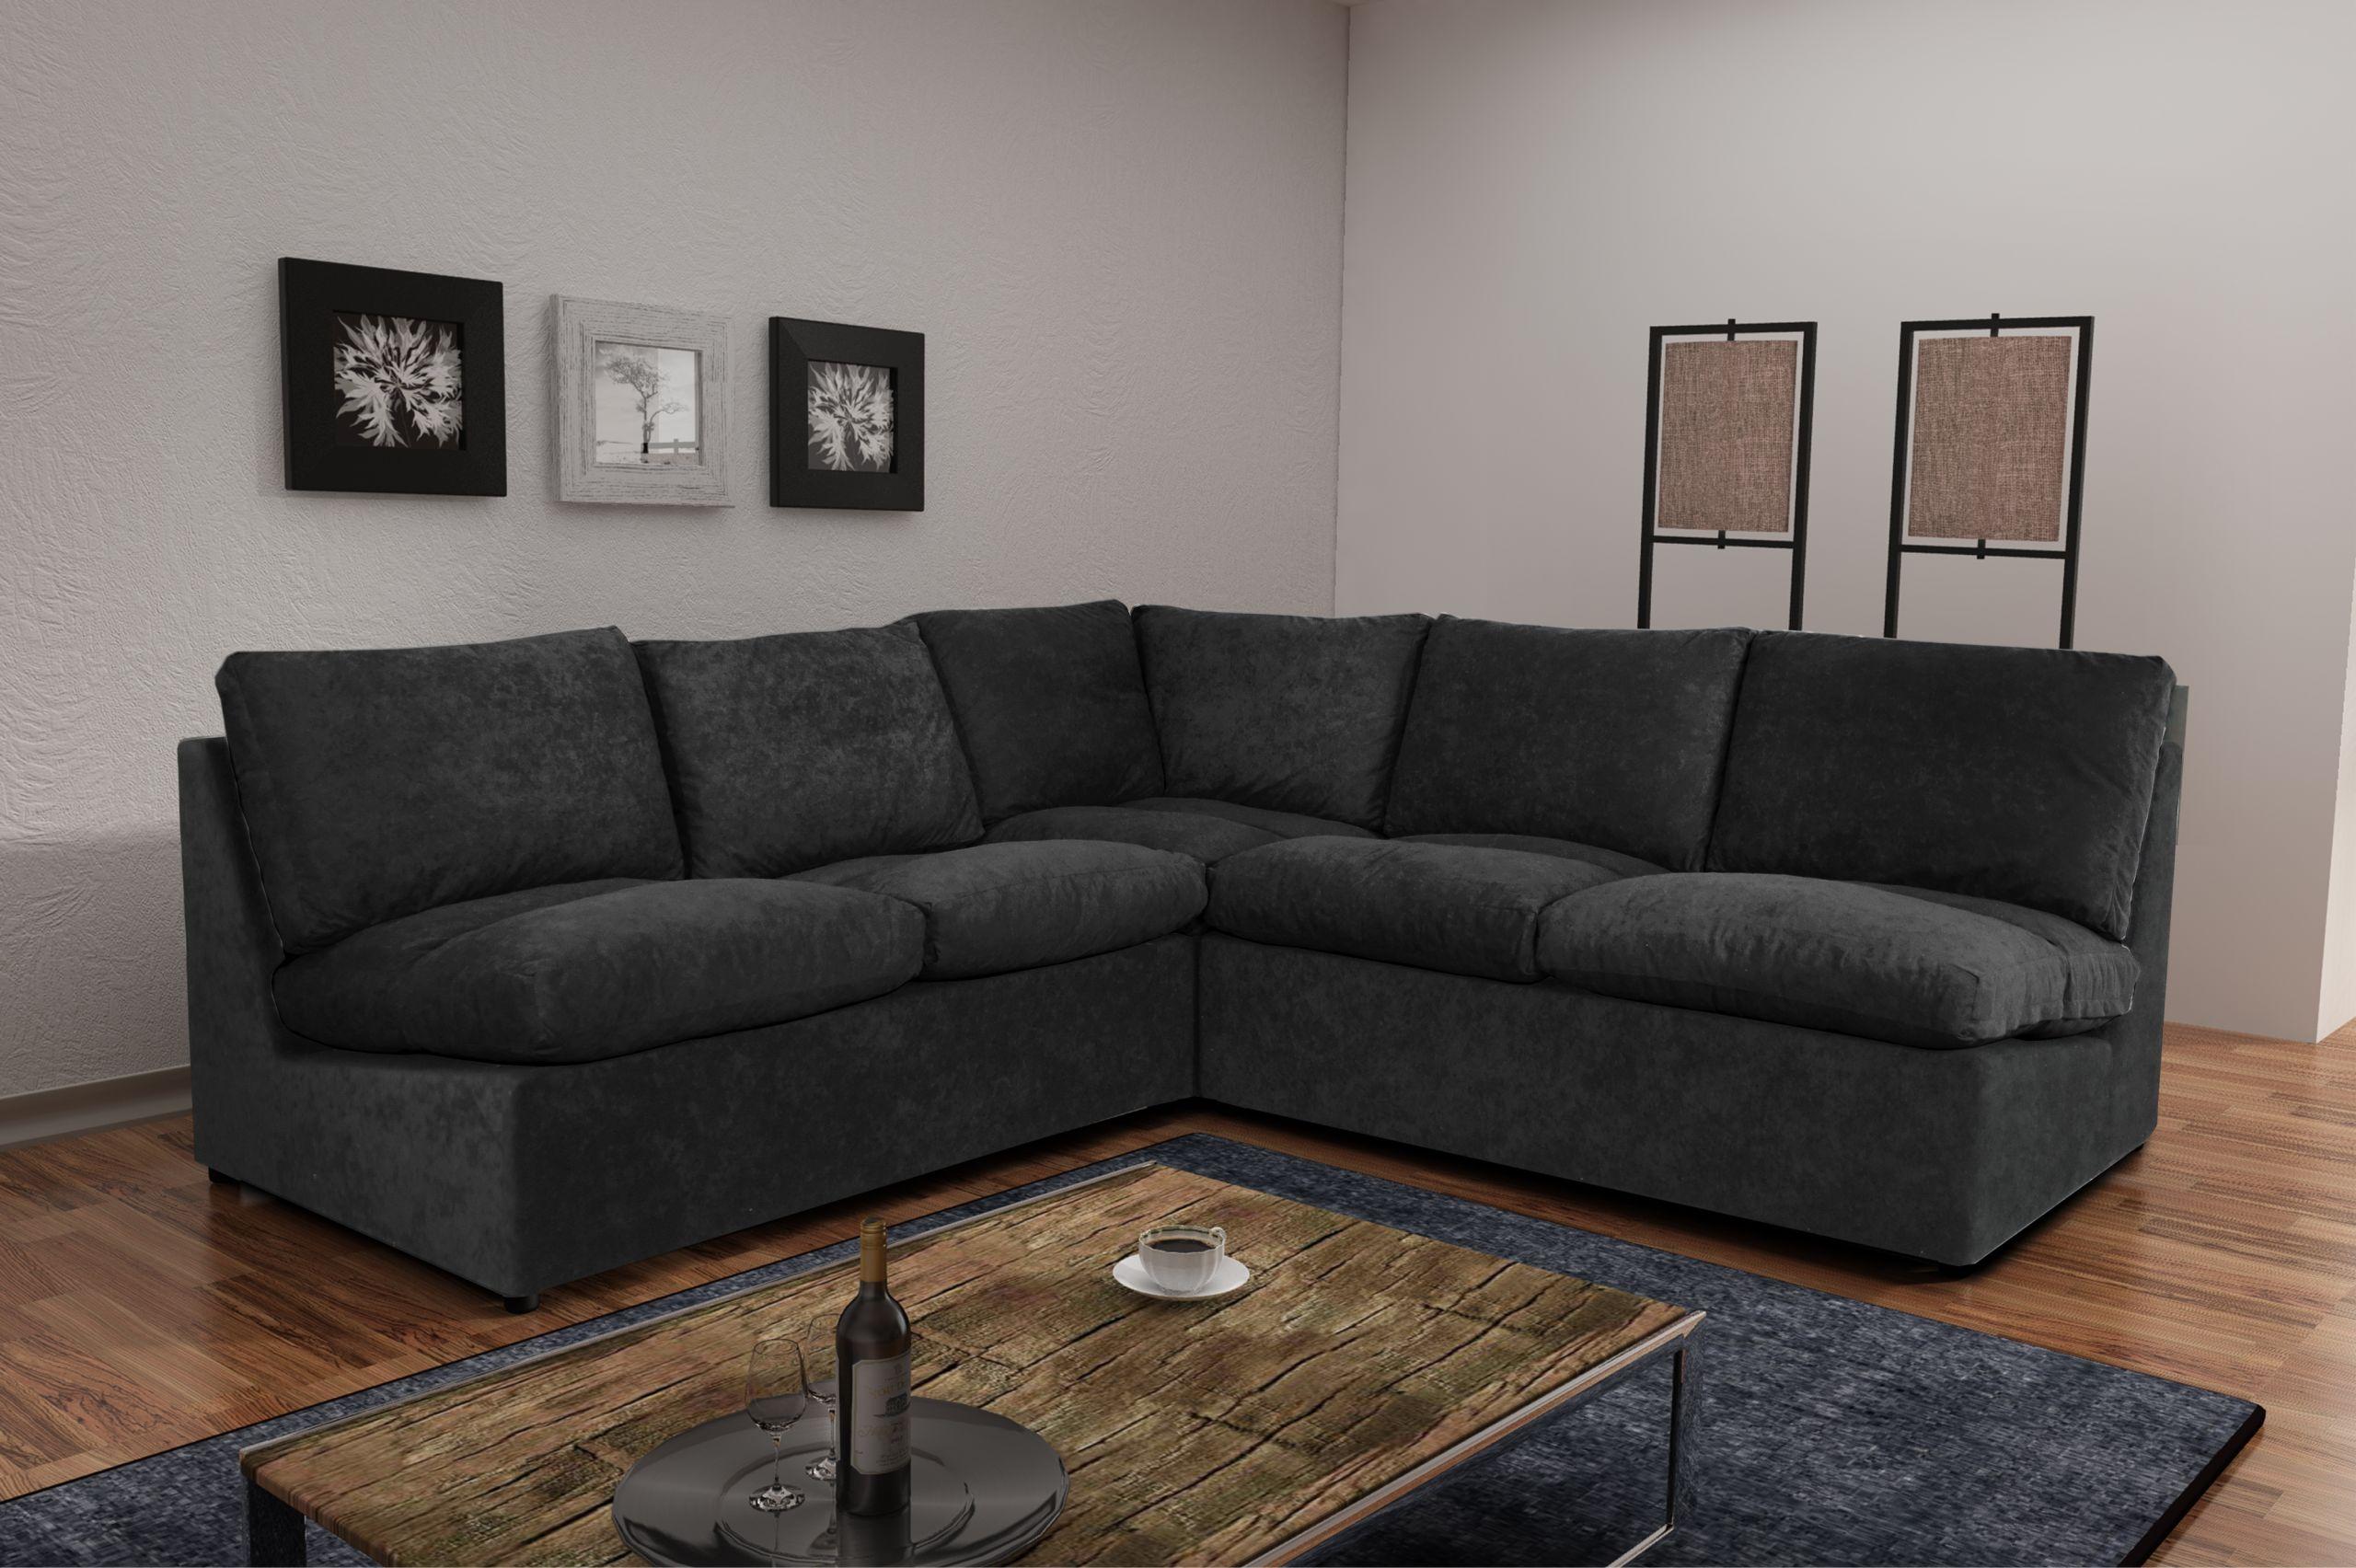 Canapé Avanti noir 6 places modulable canapé sofa divan